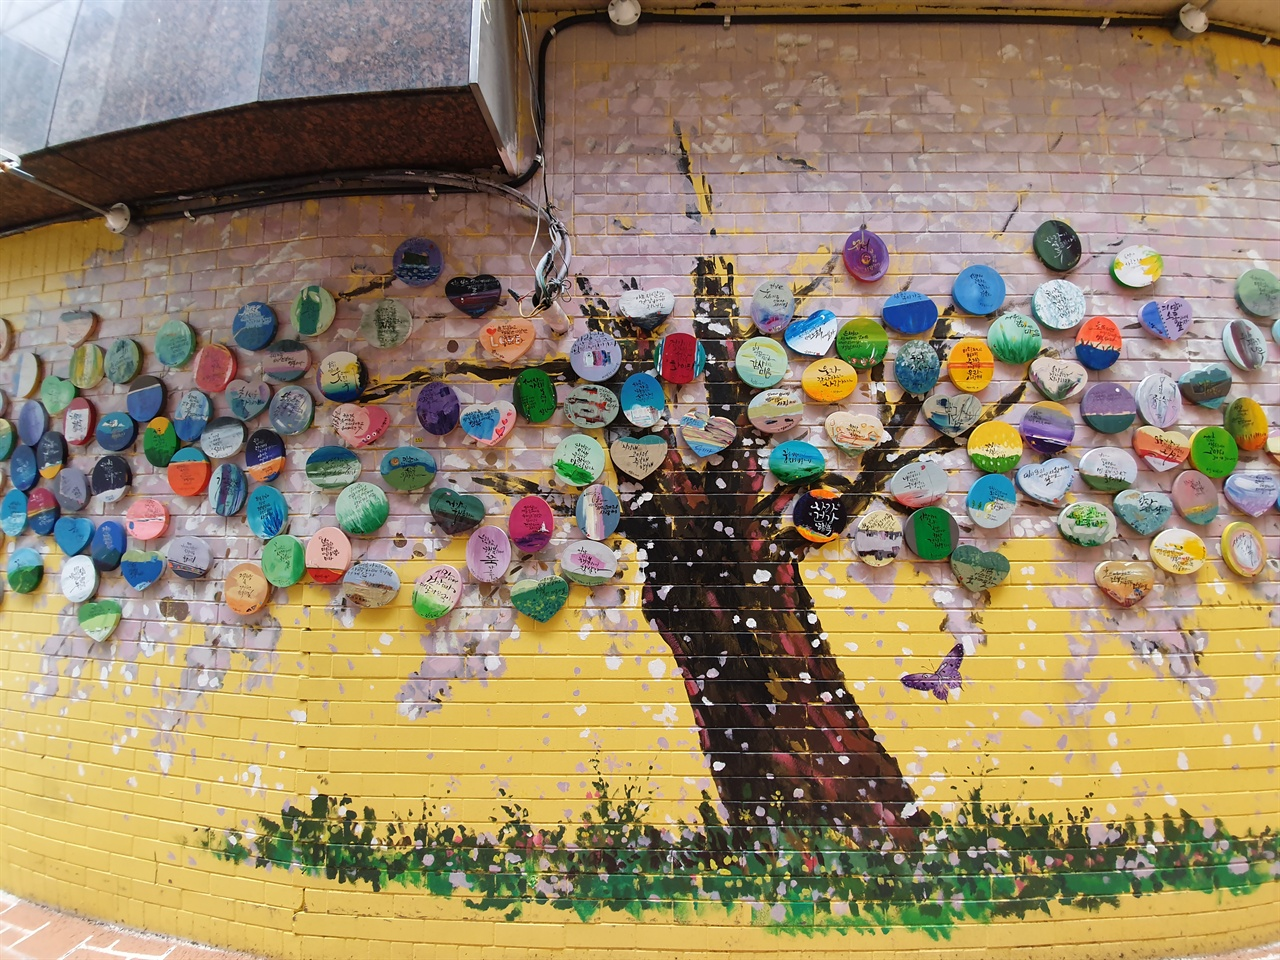 3.15 희망나무. 창동골목골목 어귀와 가게마다 작고 예쁜 화분과 나무들이 자태를 뽐낸다. 마산사람들이 3.15 마산의거를 기념하기 위해 십시일반  기금을 모아 골목을 정원으로 만들어 가꾸고 있다.